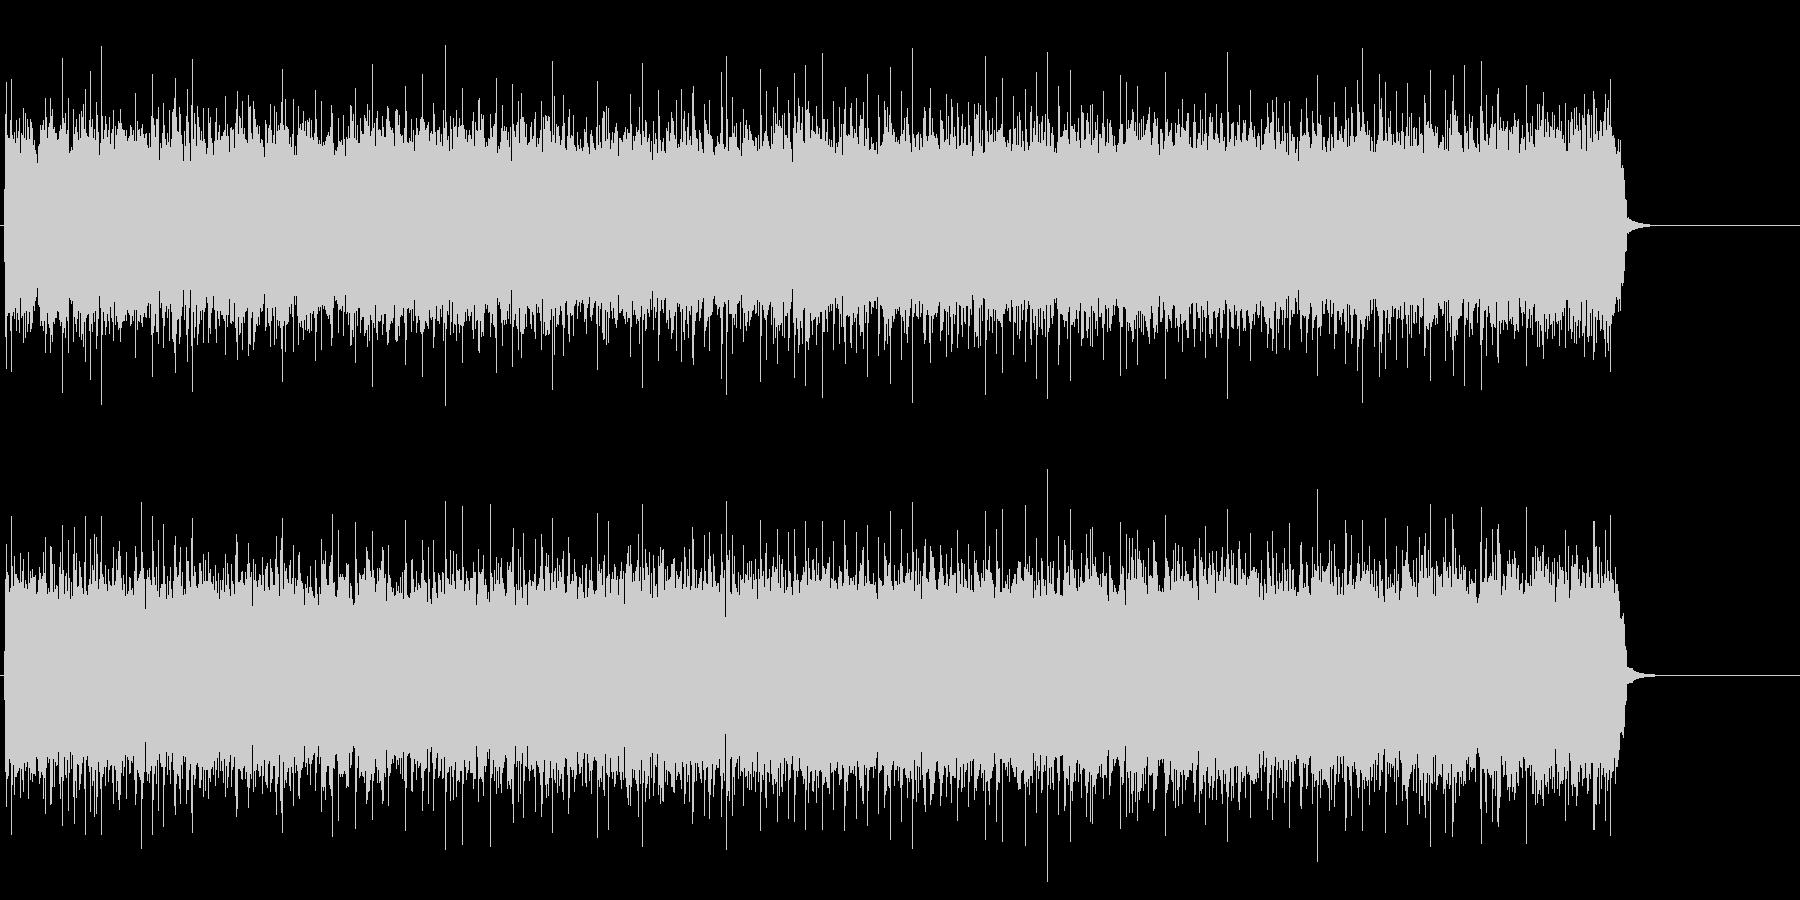 駆け抜けるハード・ロック(イントロ~…)の未再生の波形